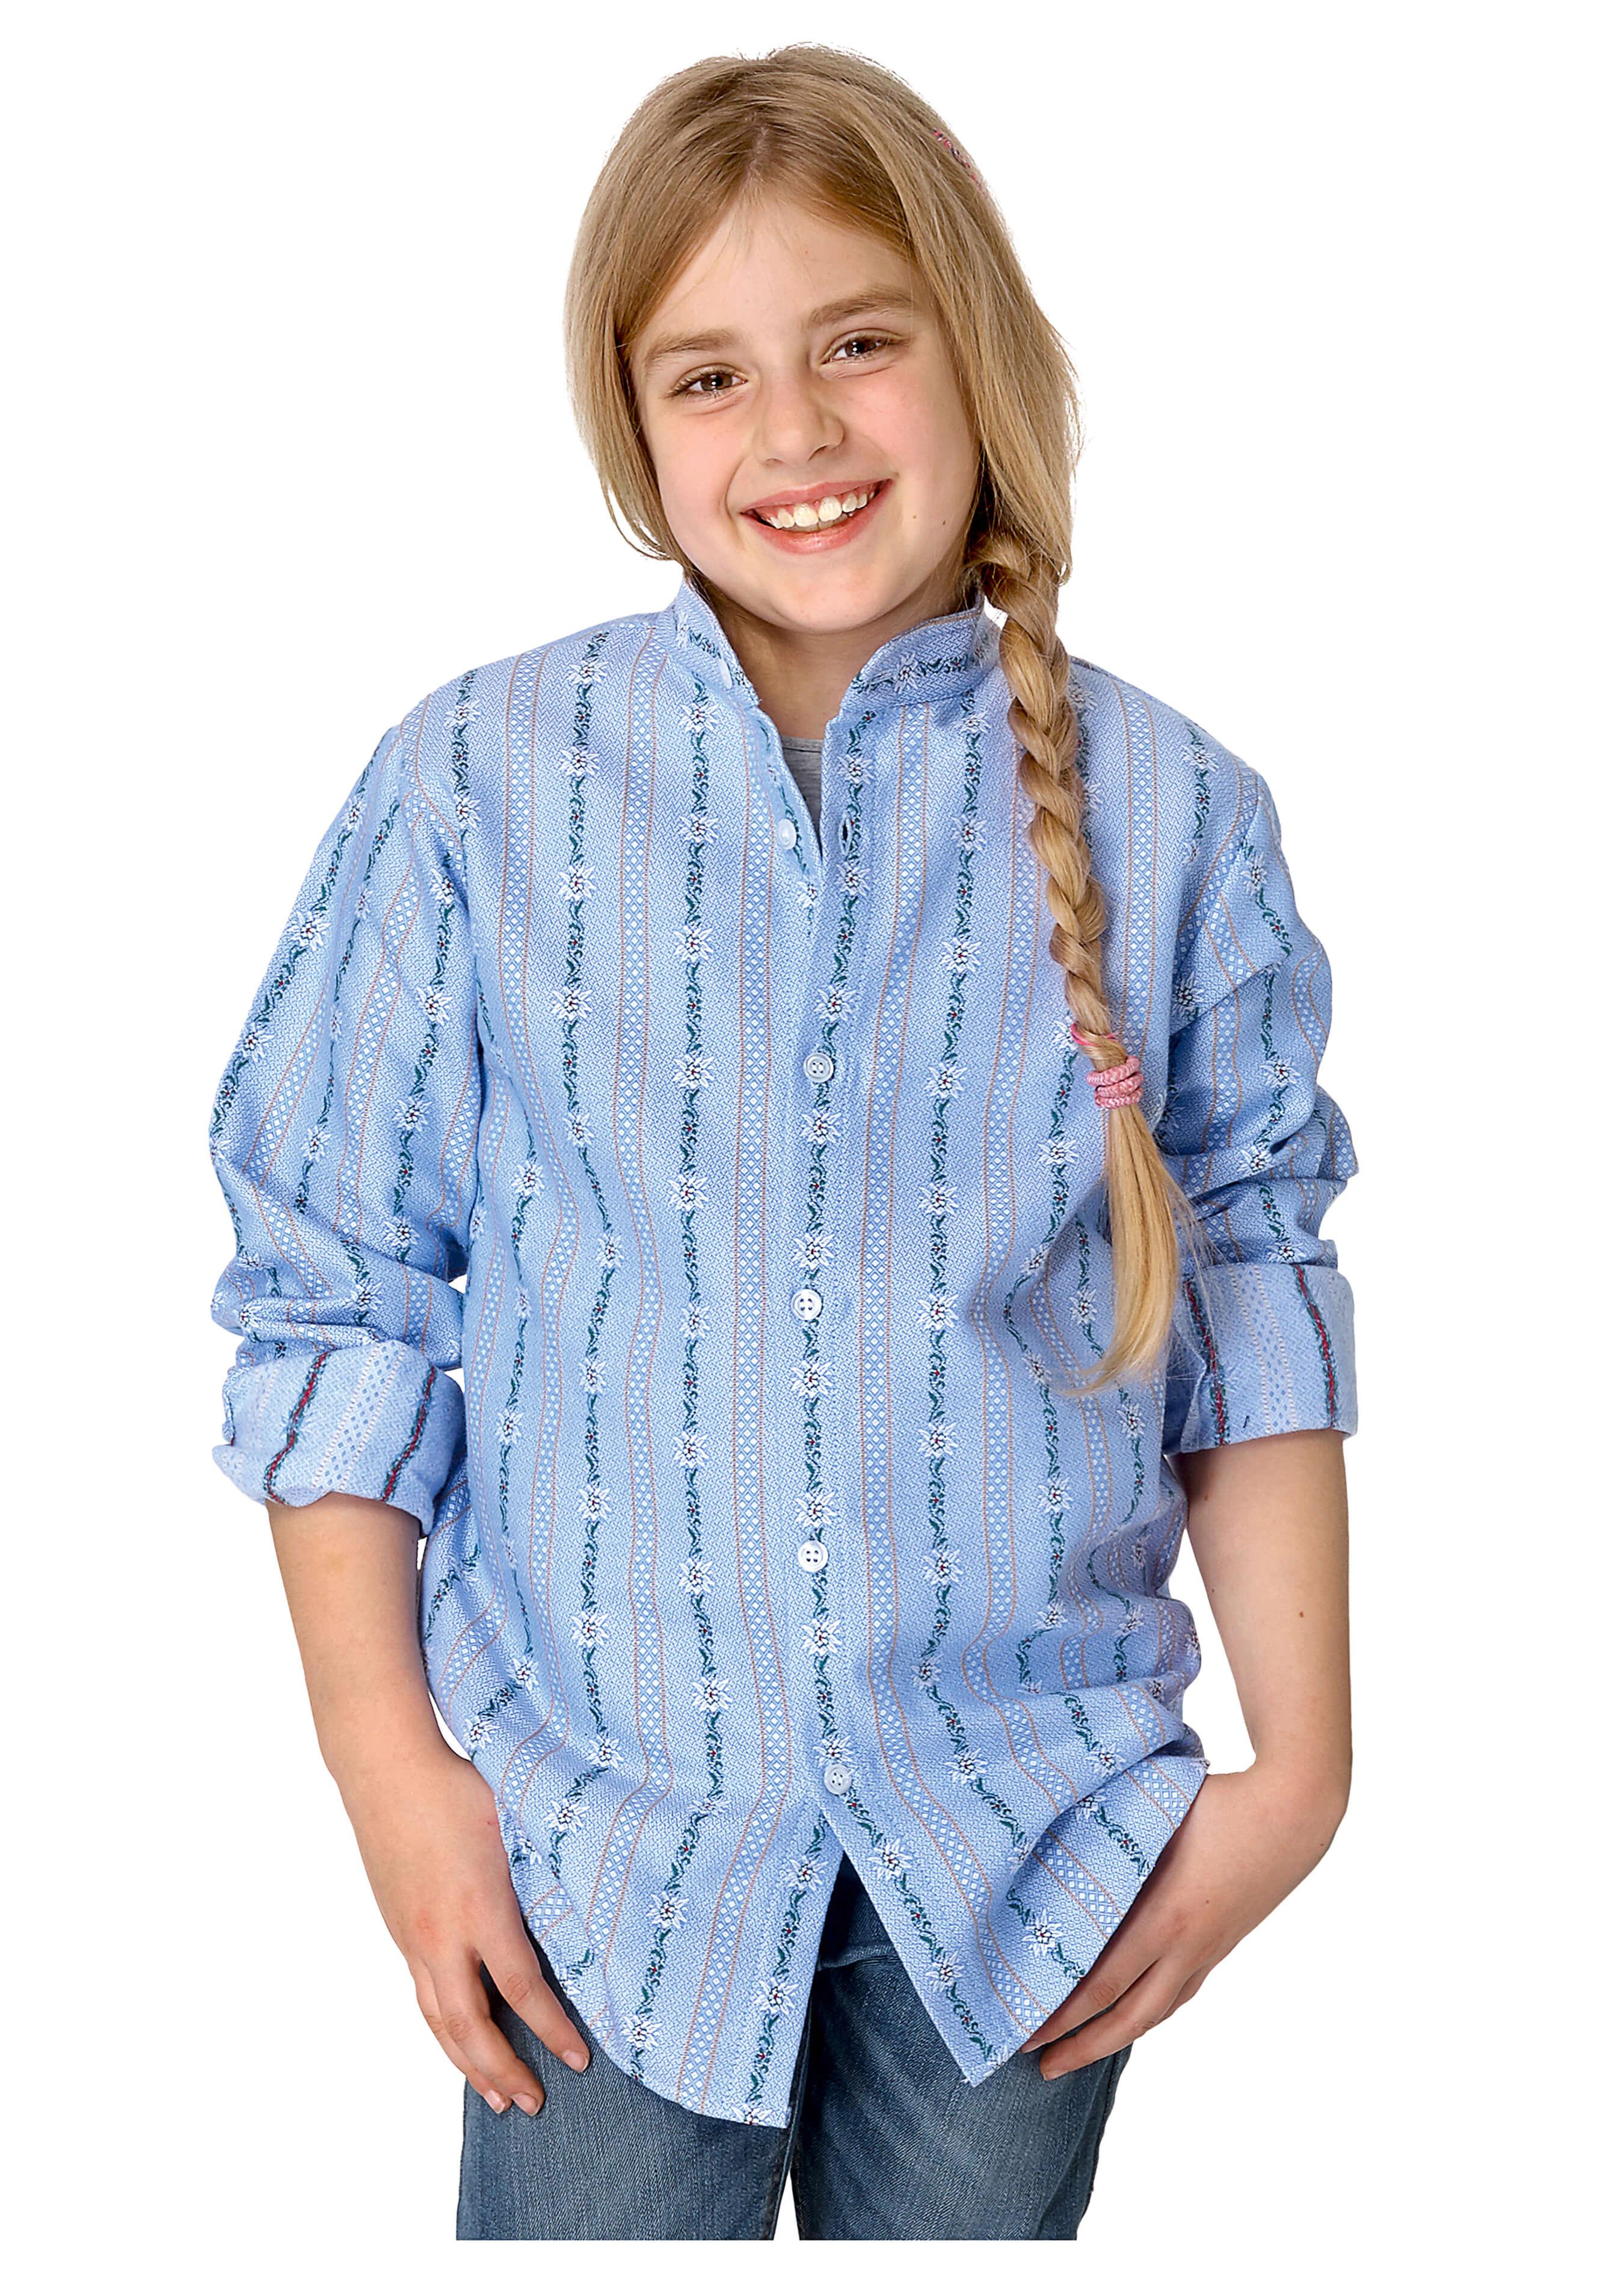 Kinder Edelweiss Hemd langarm ohne Kragen 272636104 2